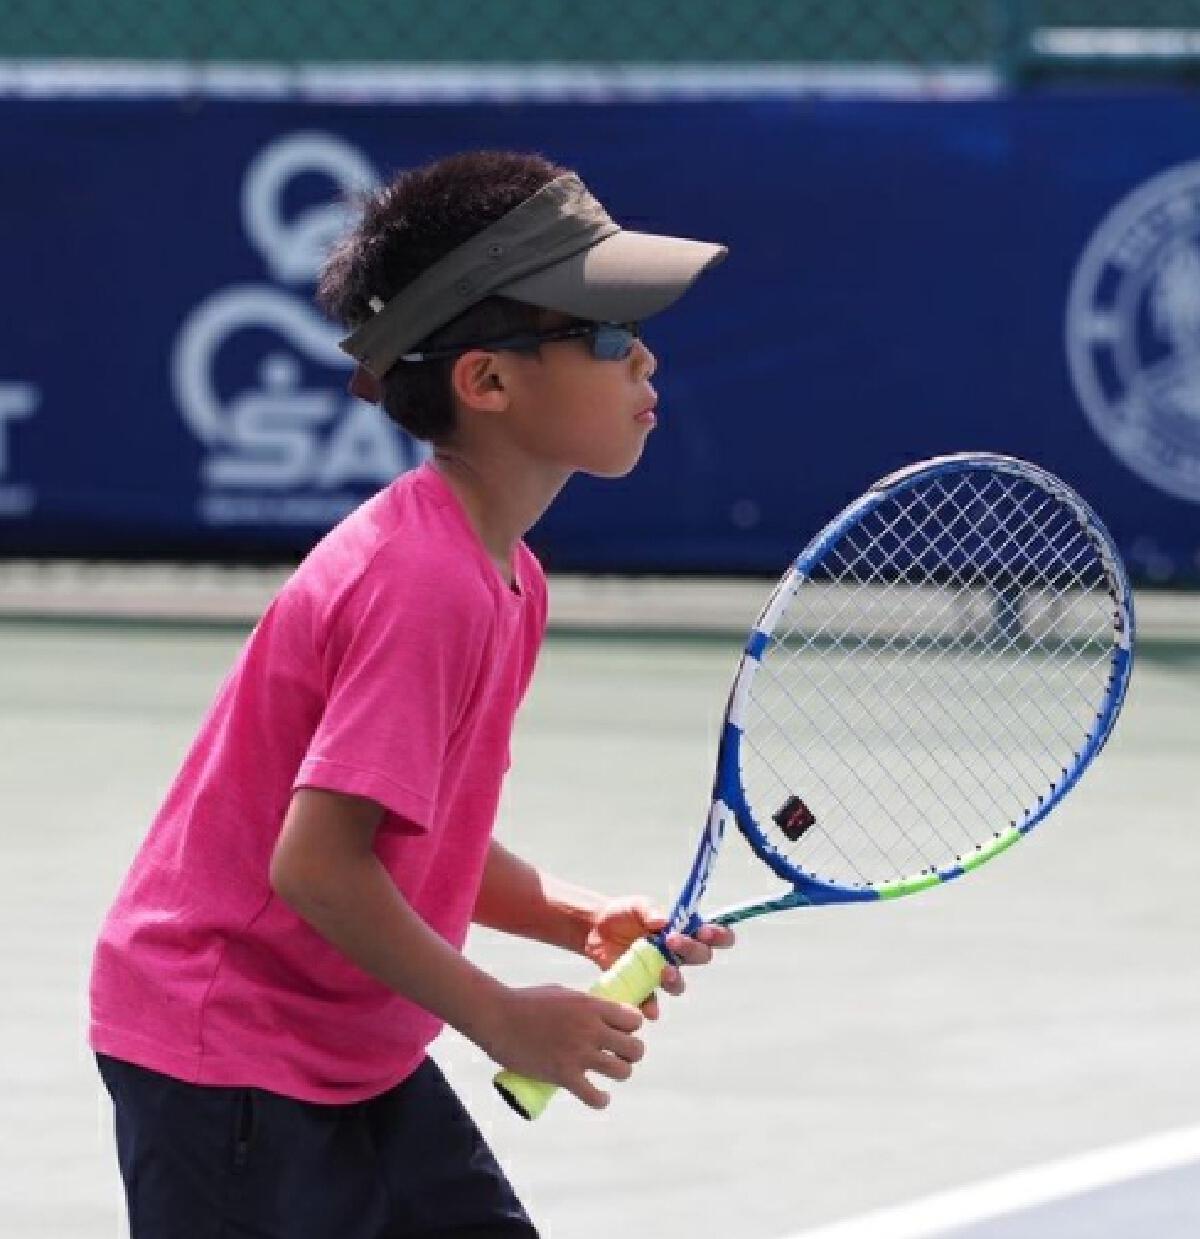 ผู้พันเบิร์ด ปลื้มหนัก น้องวิน ได้แชมป์เทนนิสในวัย 8 ขวบ